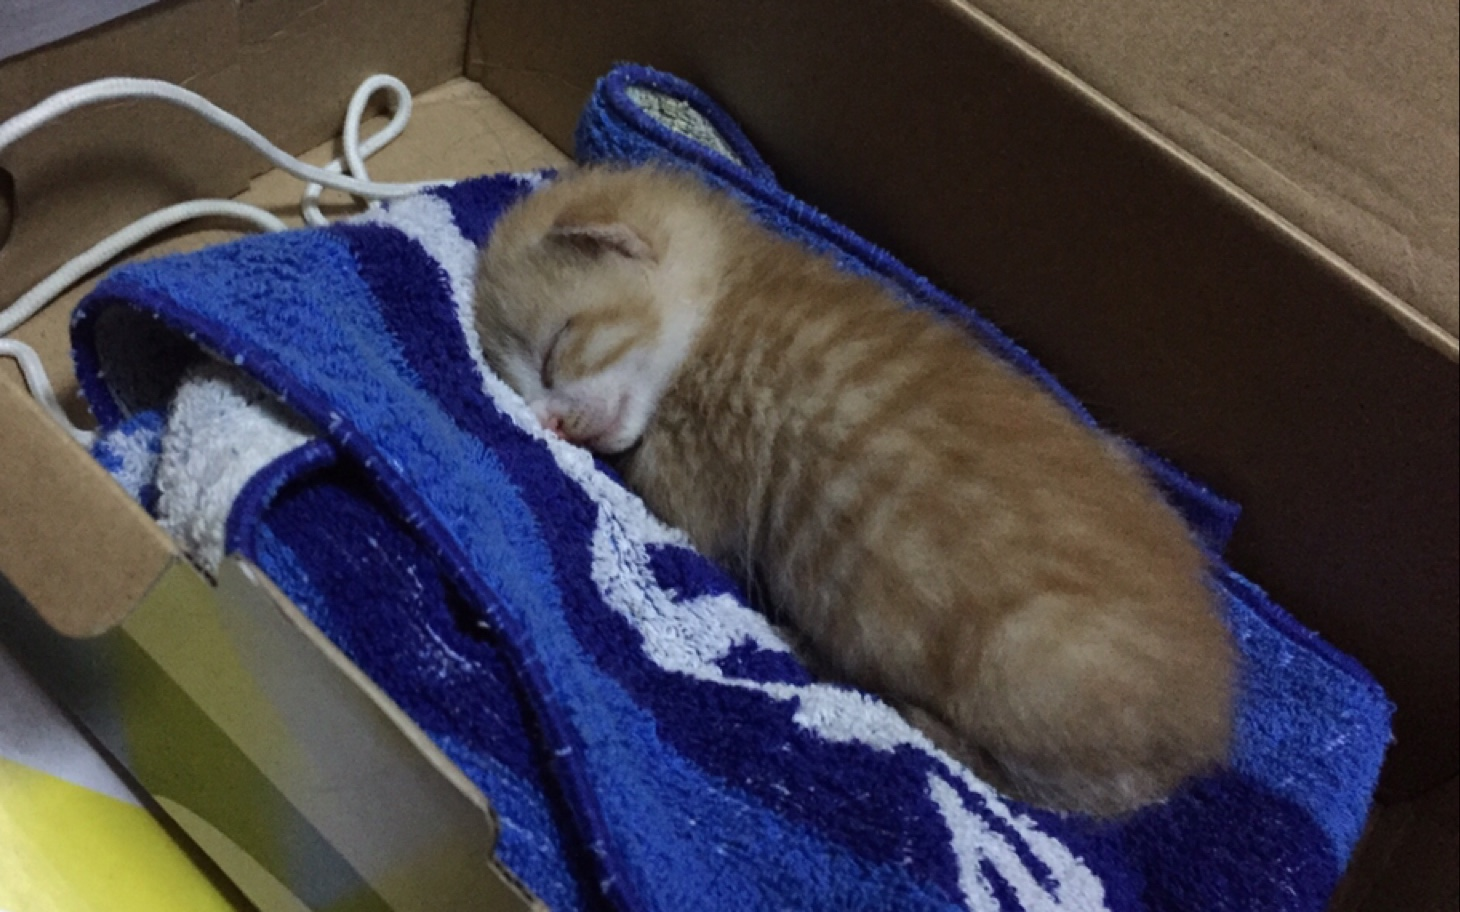 捡到一只流浪小奶猫,估计只有十多天大,眼睛还未完全睁开